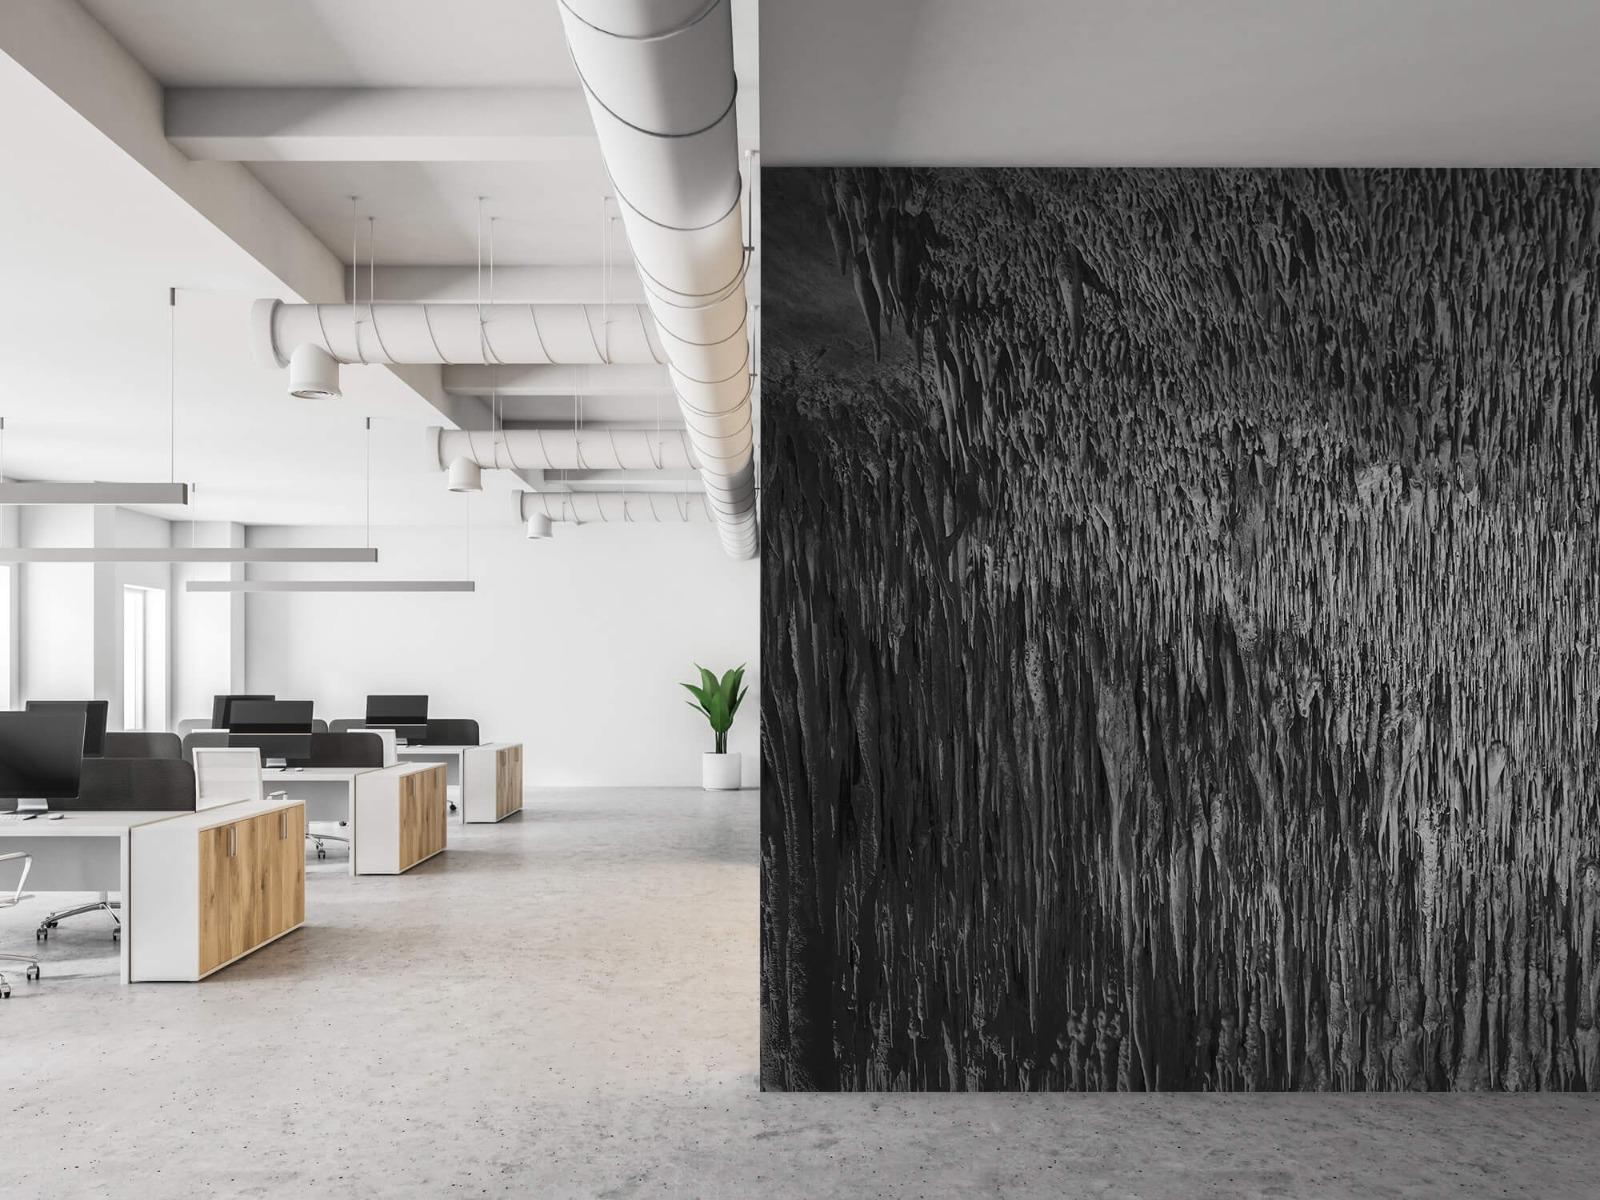 Zwart Wit behang - Druipstenen - Kantoor 21